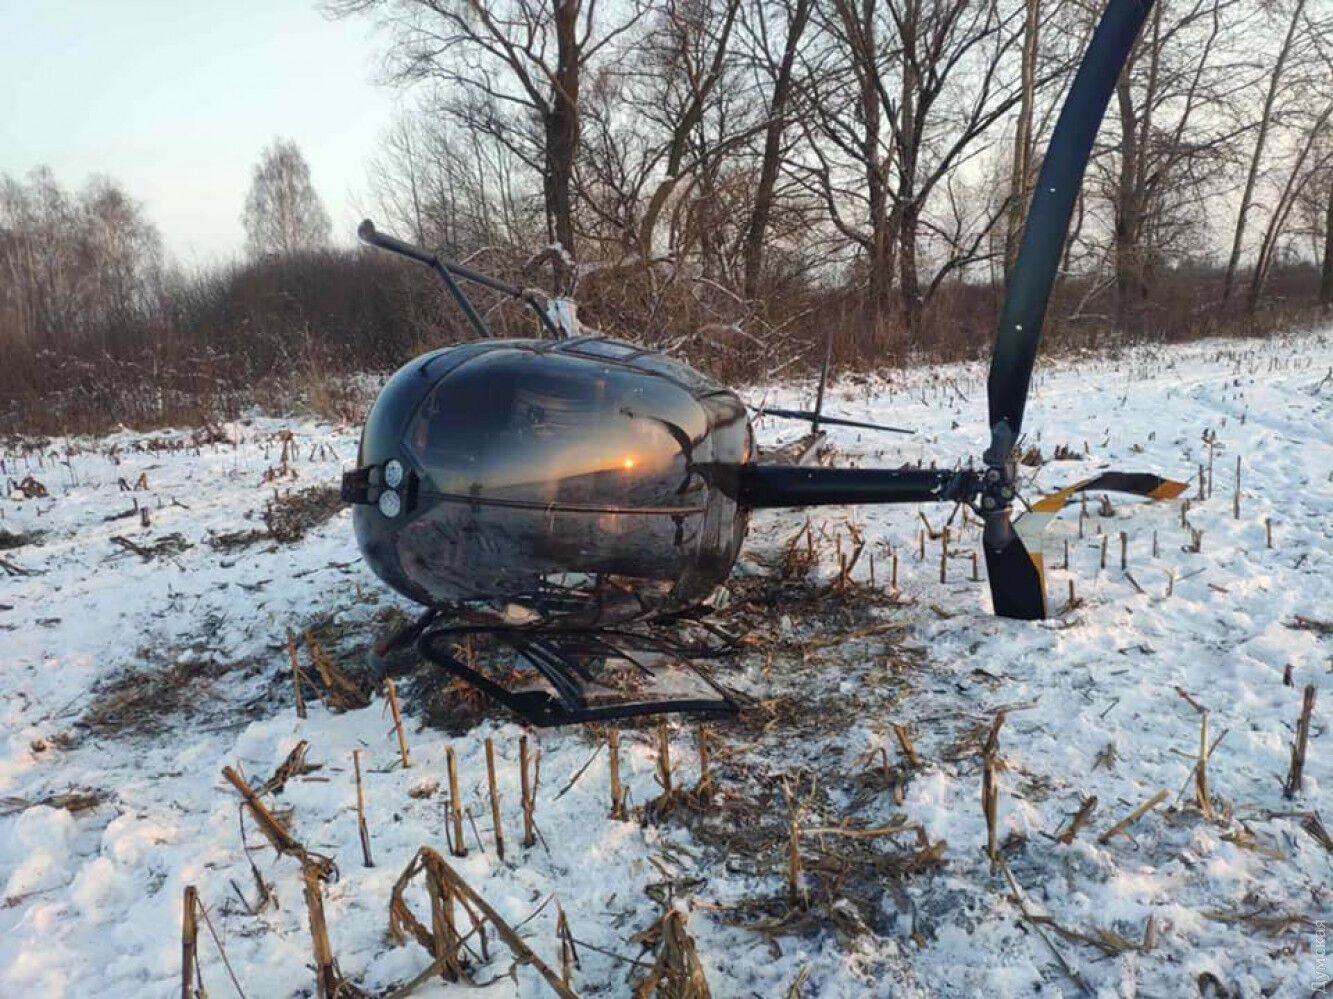 За попередньою інформацією, вертоліт упав під час приземлення.